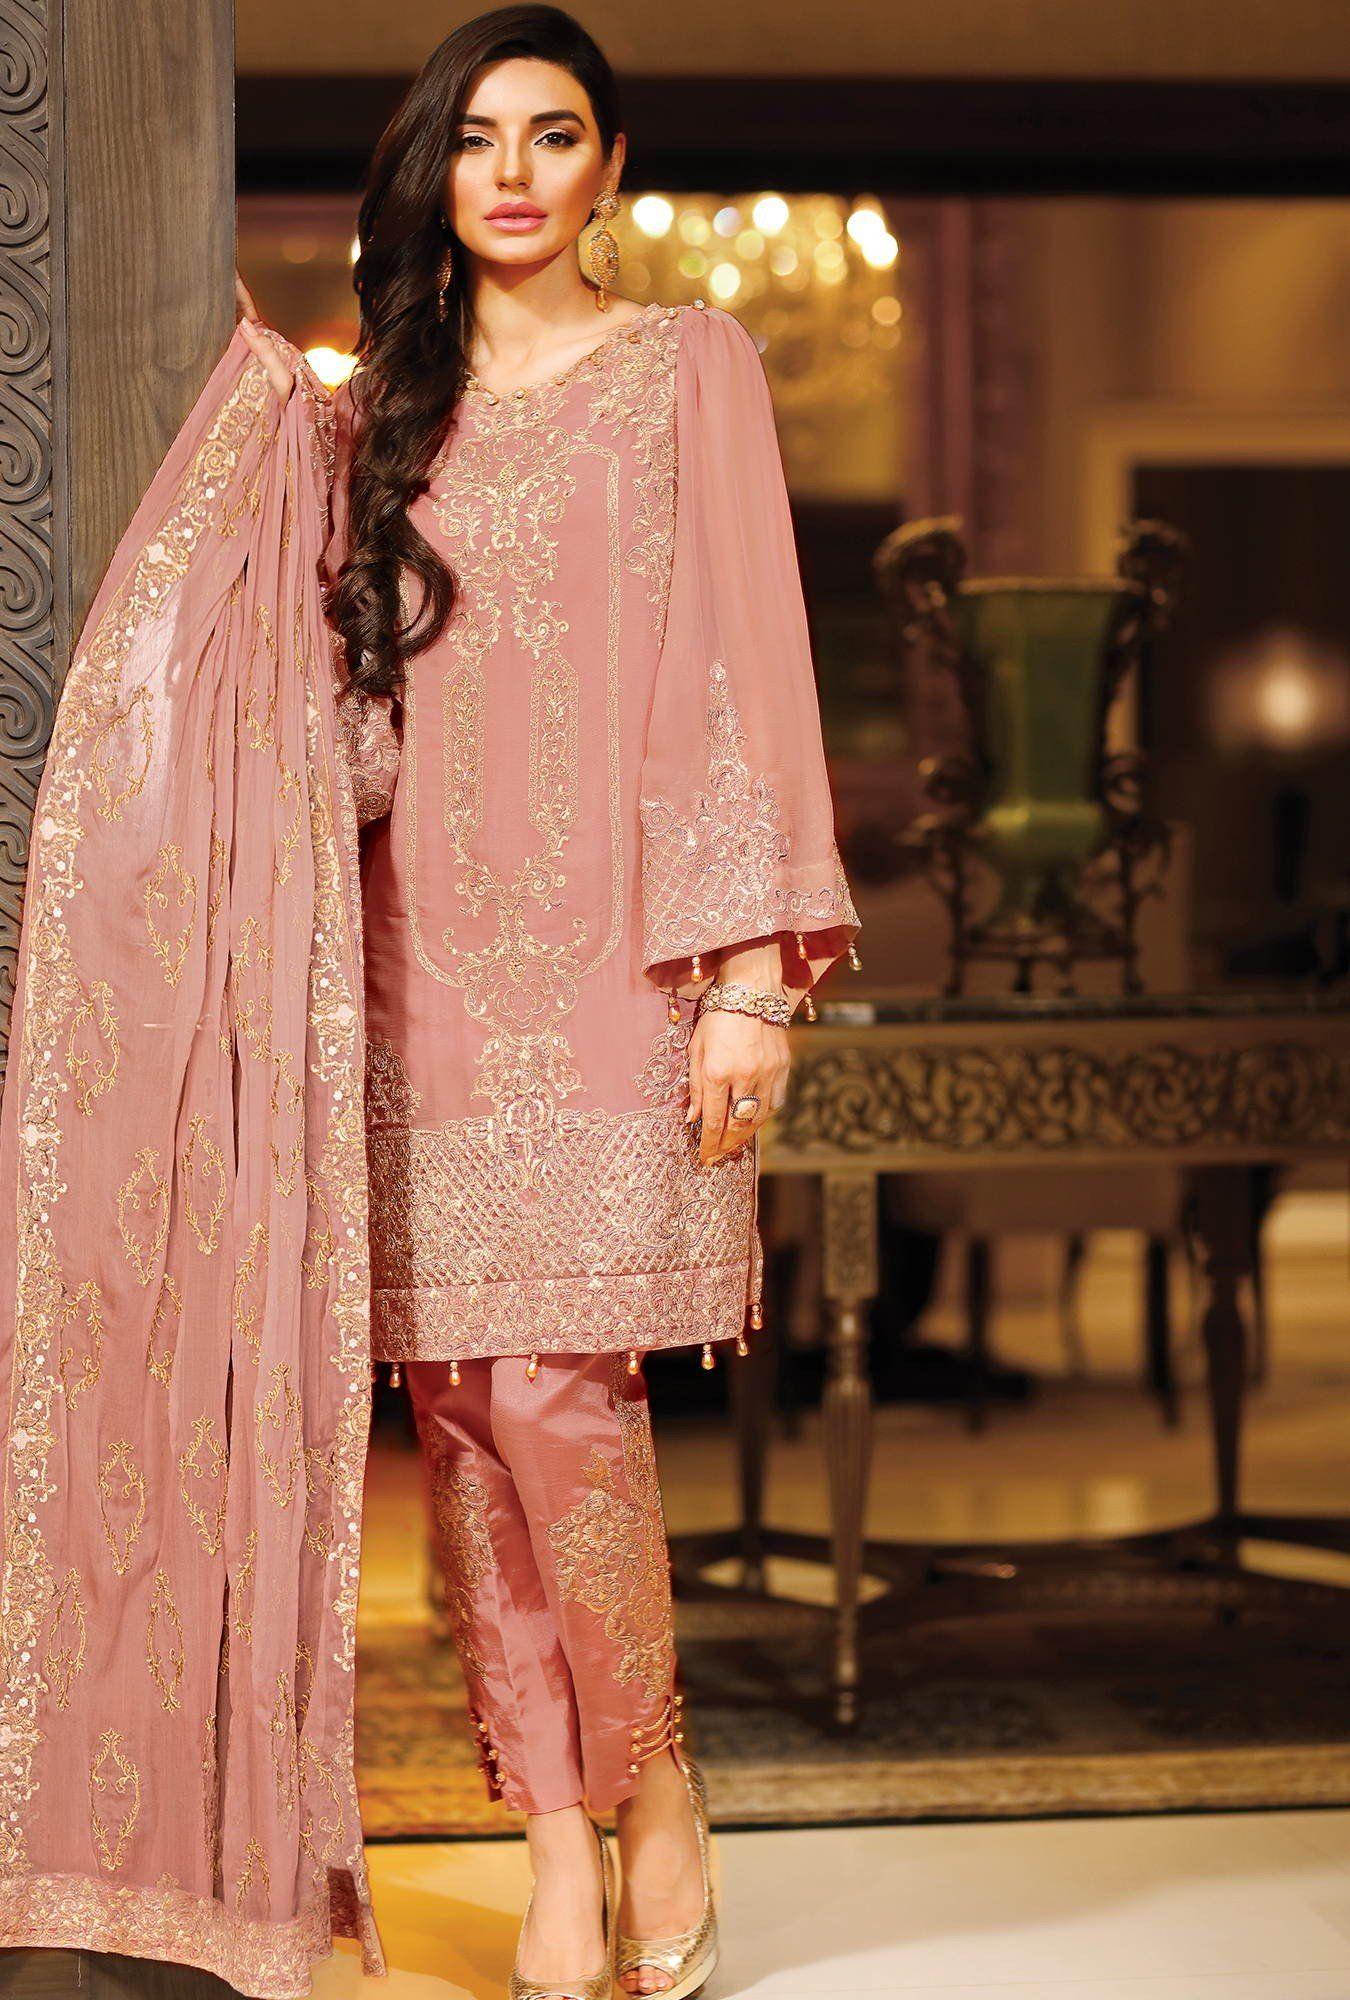 225a8053e7 Pink Luxury Chiffon Embroidered Dress   Future pakistani clothes ...